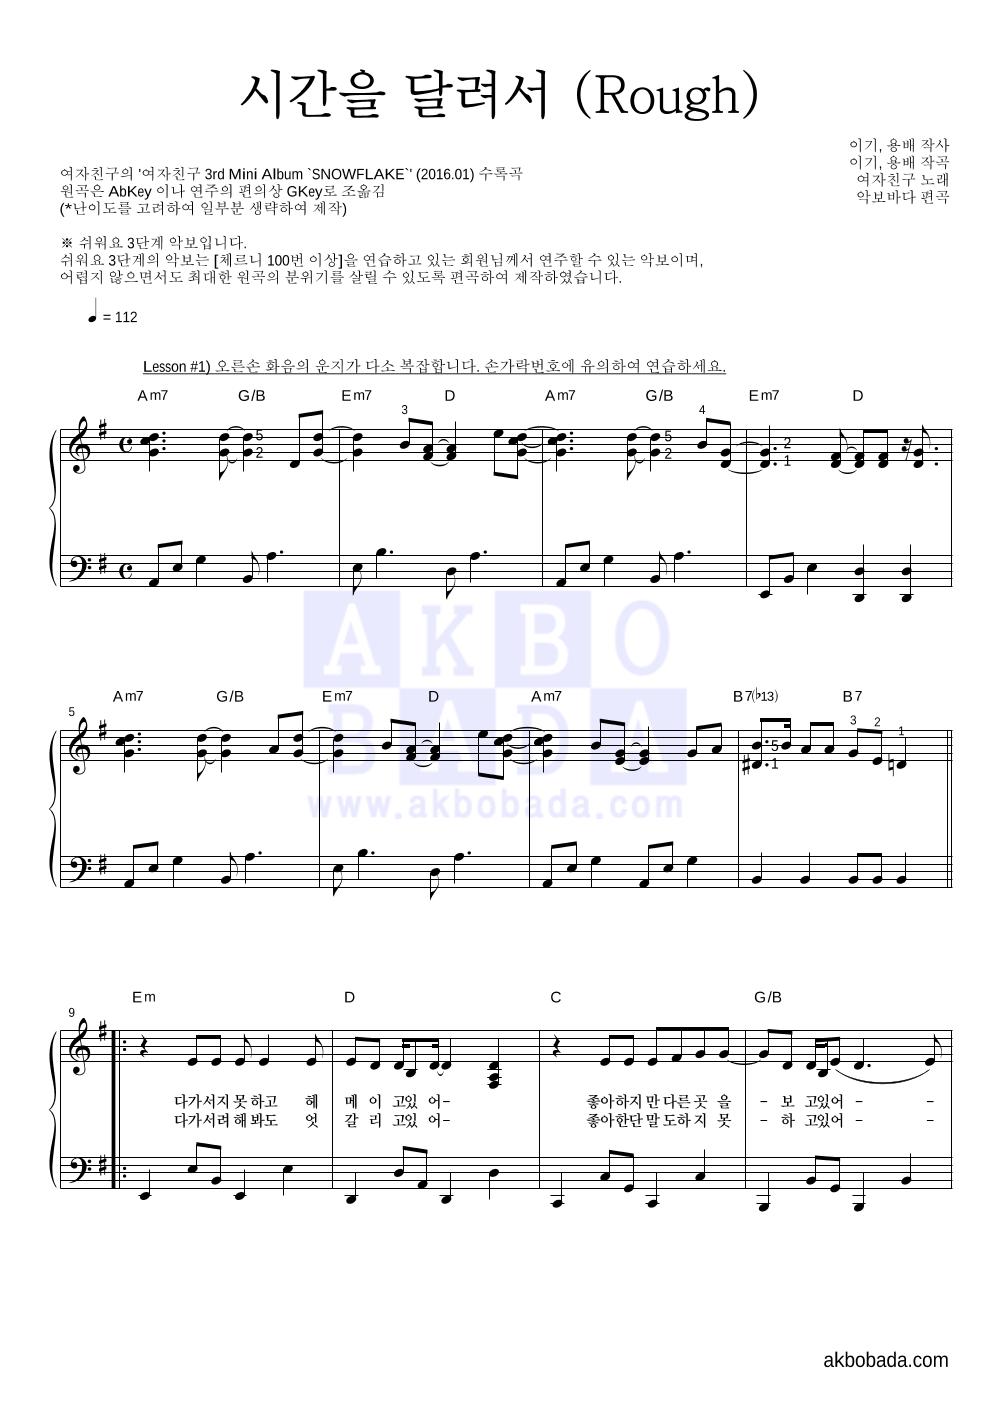 여자친구 - 시간을 달려서 (Rough) 피아노2단-쉬워요 악보